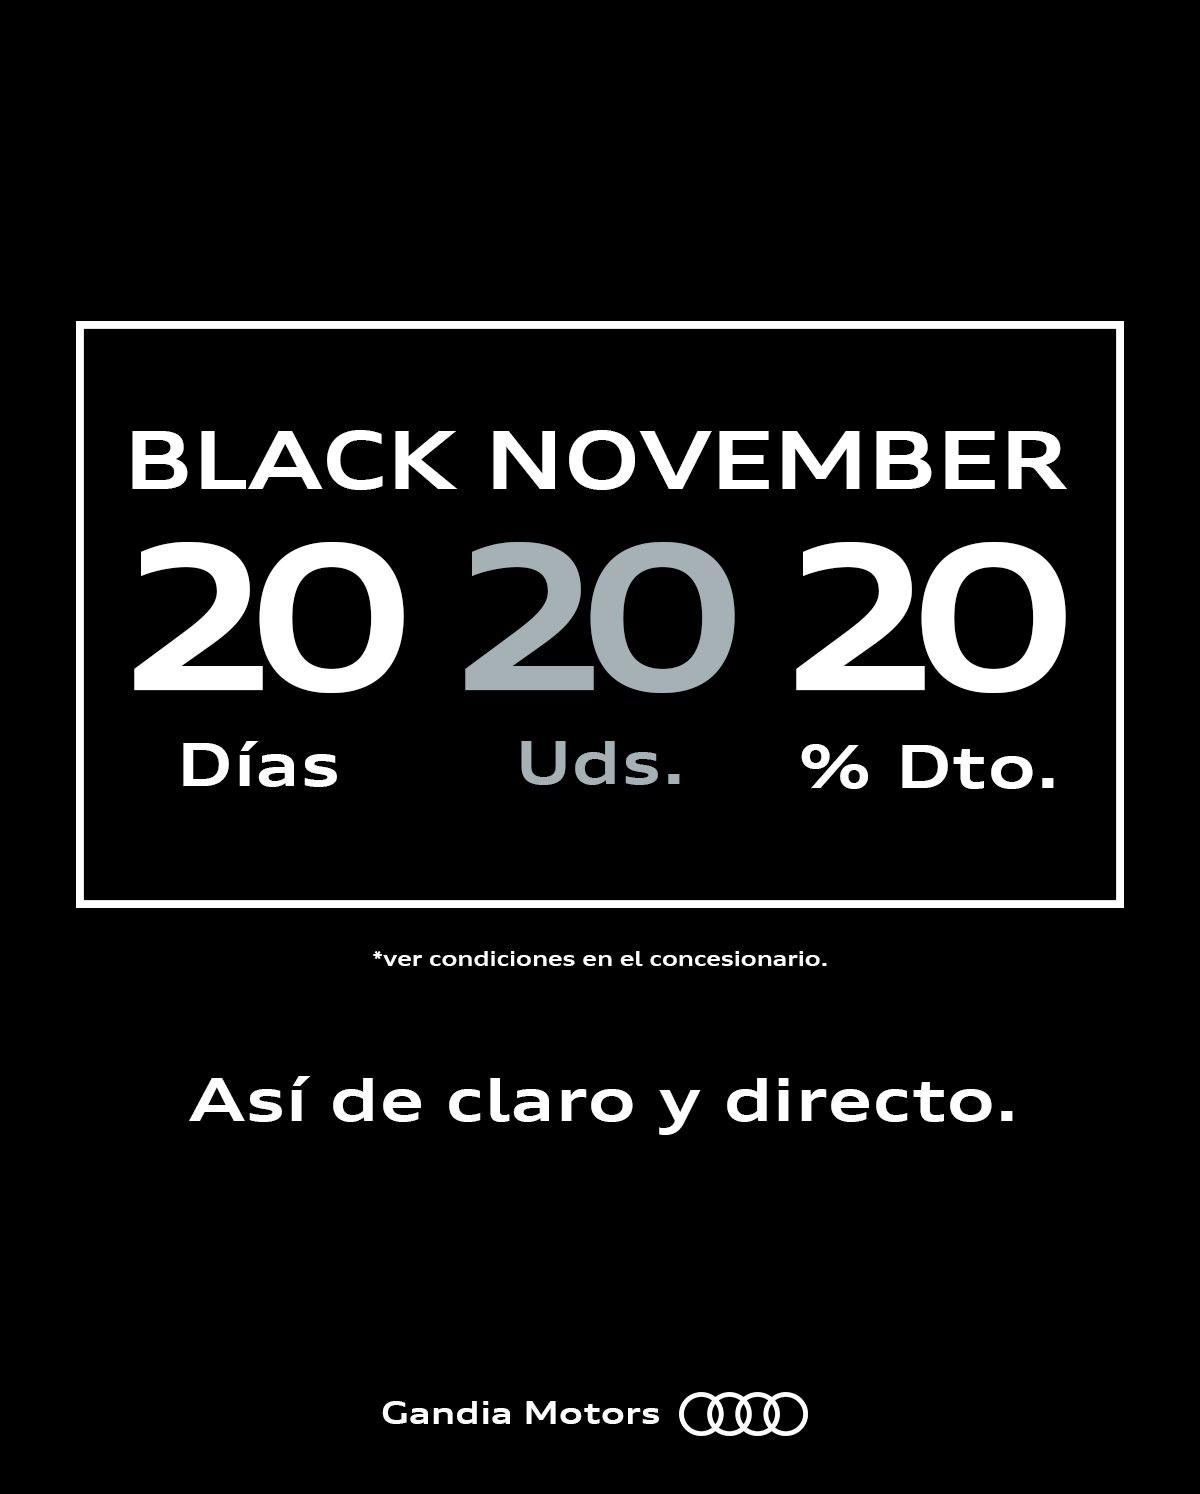 202020 Black November